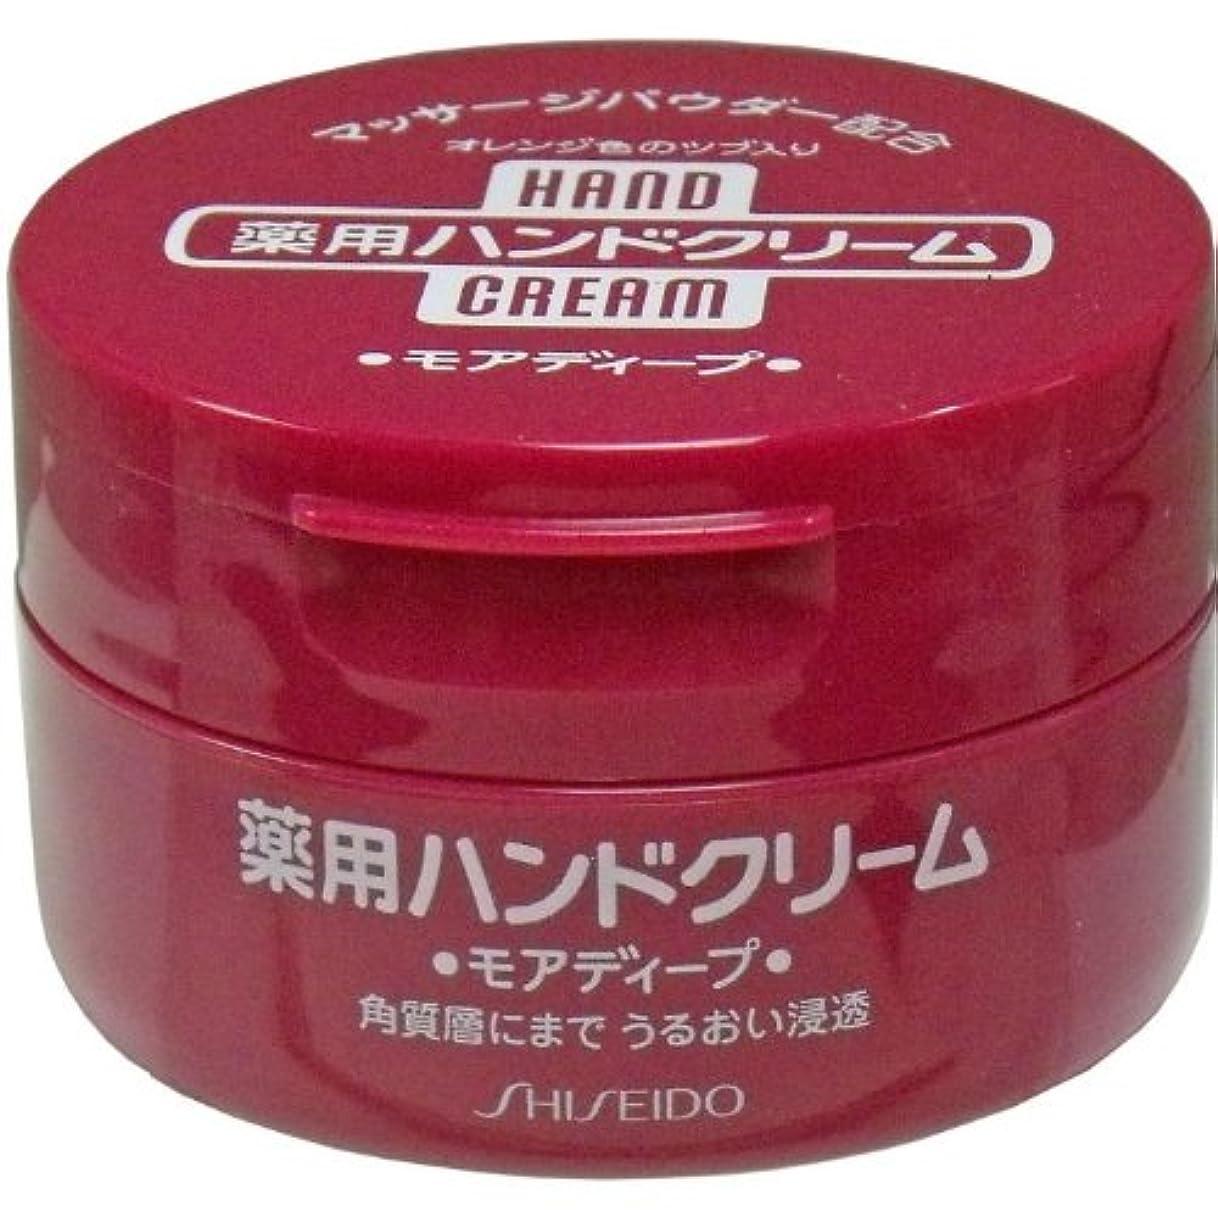 乳剤原始的なあいまいな資生堂 薬用ハンドクリーム モアディープ ジャー 100g「4点セット」